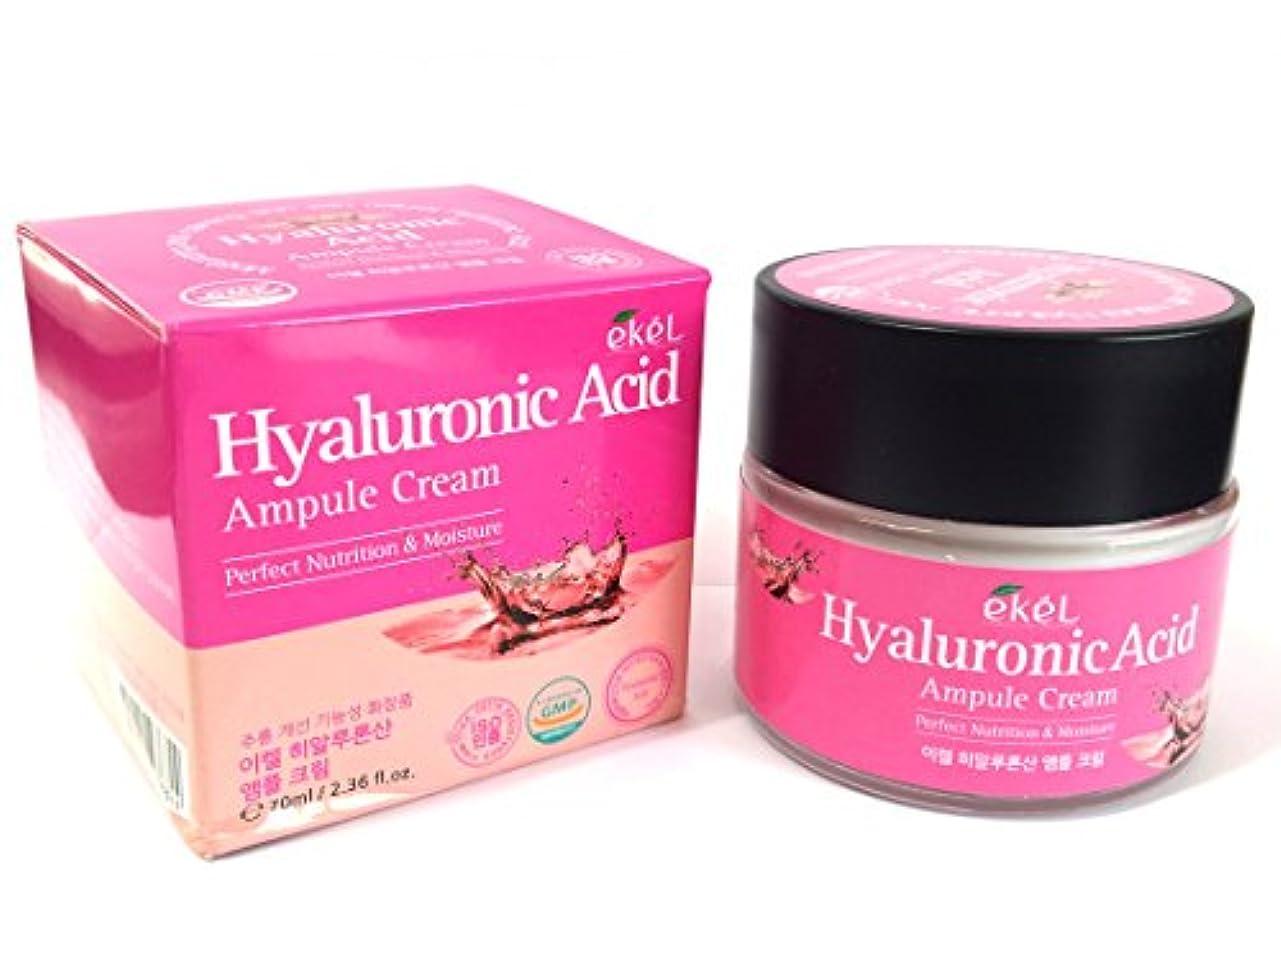 ダイアクリティカル草分注する[EKEL] ヒアルロン酸アンプルクリーム70ml / 完璧な栄養と水分 / 韓国化粧品/ Hyaluronic Acid Ampule Cream 70ml / Perfect Nutrition & Moisture...